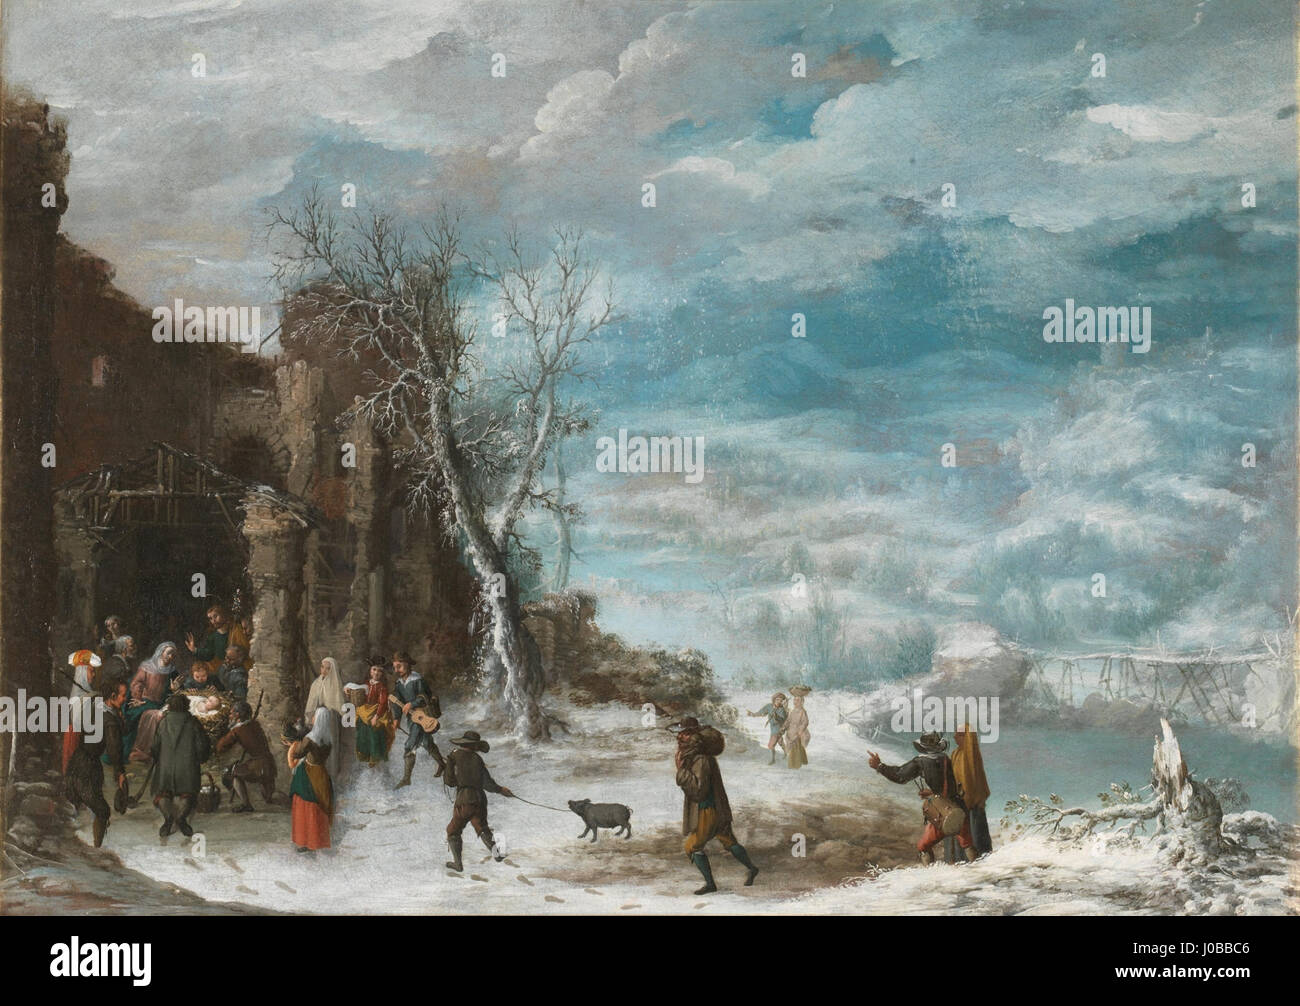 Paisaje de invierno con la Adoración de los pastores, de Francisco Collantes (Museo del Prado) - Stock Image